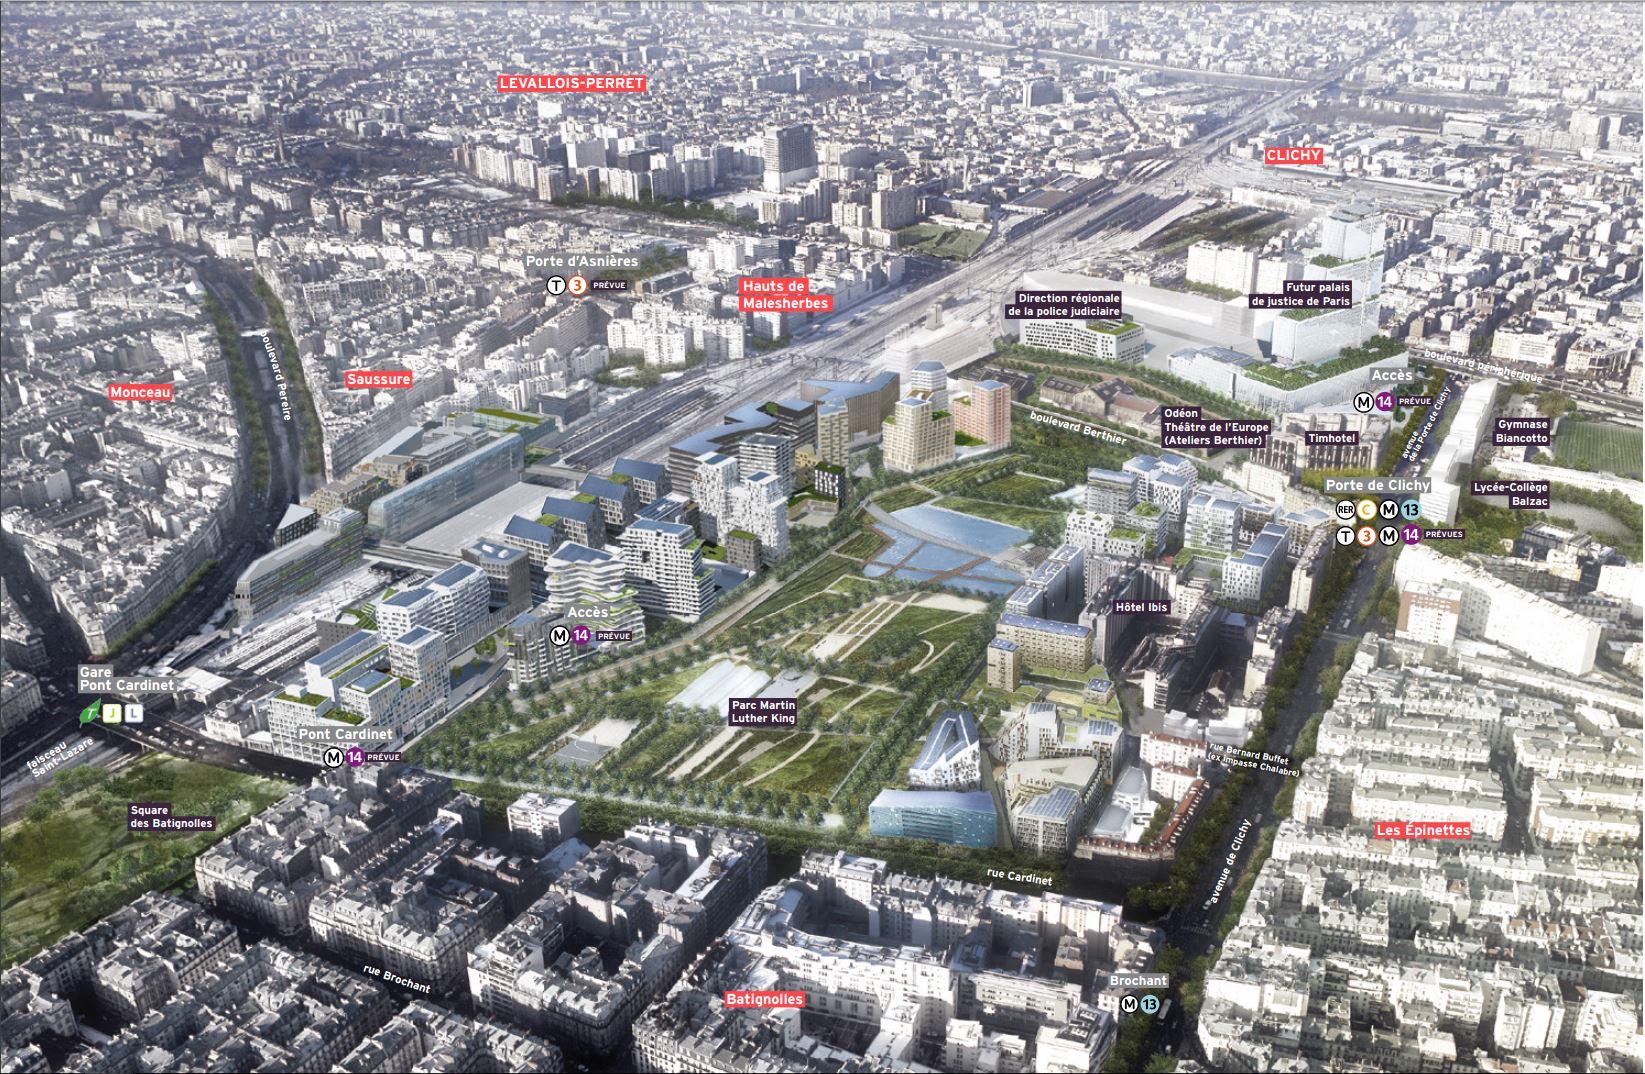 http://les-smartgrids.fr/wp-content/uploads/2017/08/Batignolles-Cardinet-Paris_17.jpeg